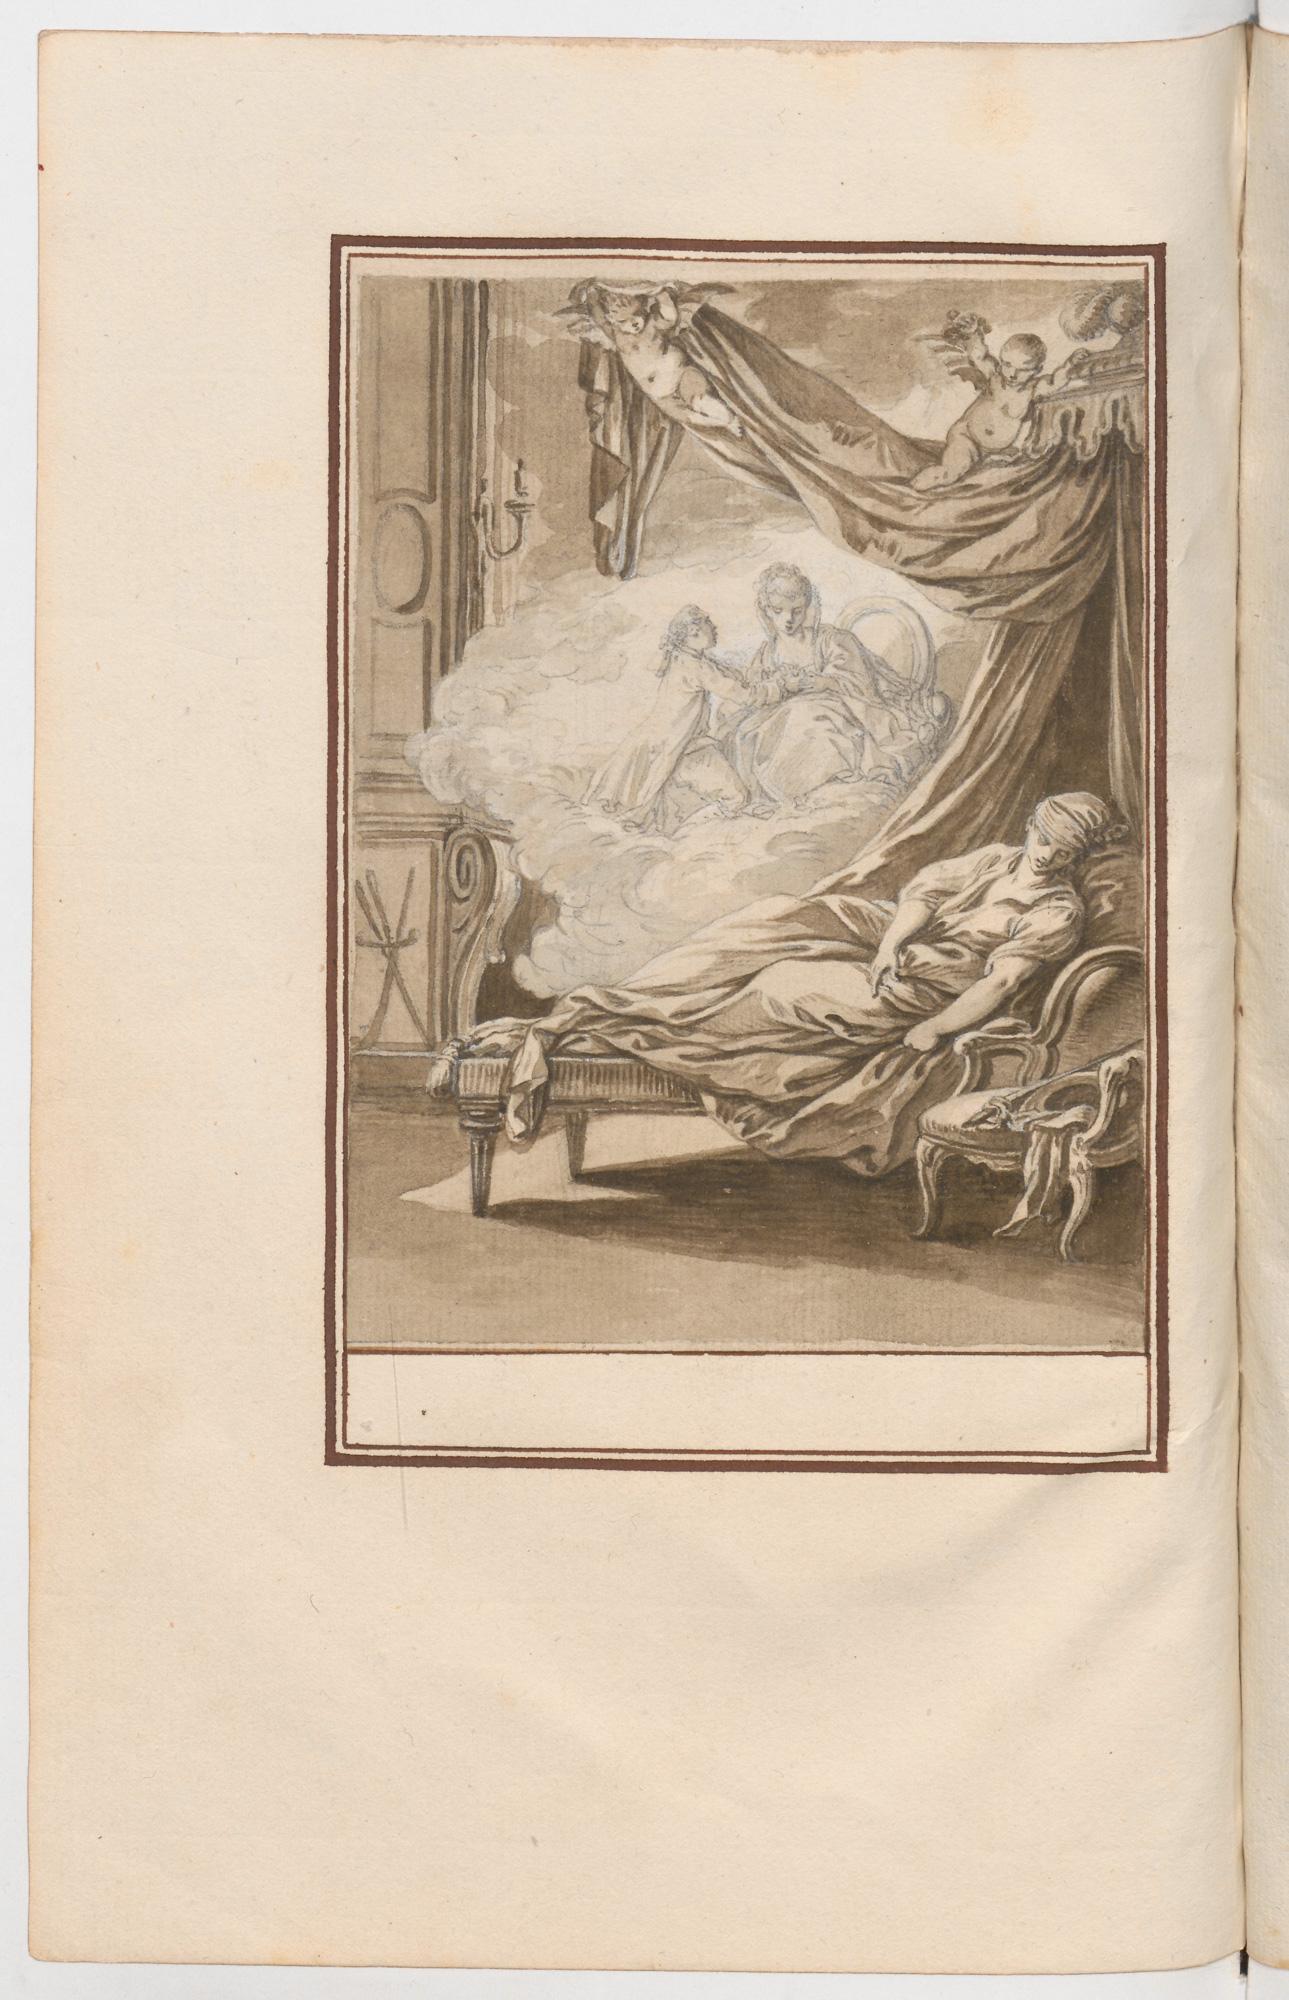 S.4.15 L'heureux songe, Chantilly, Image